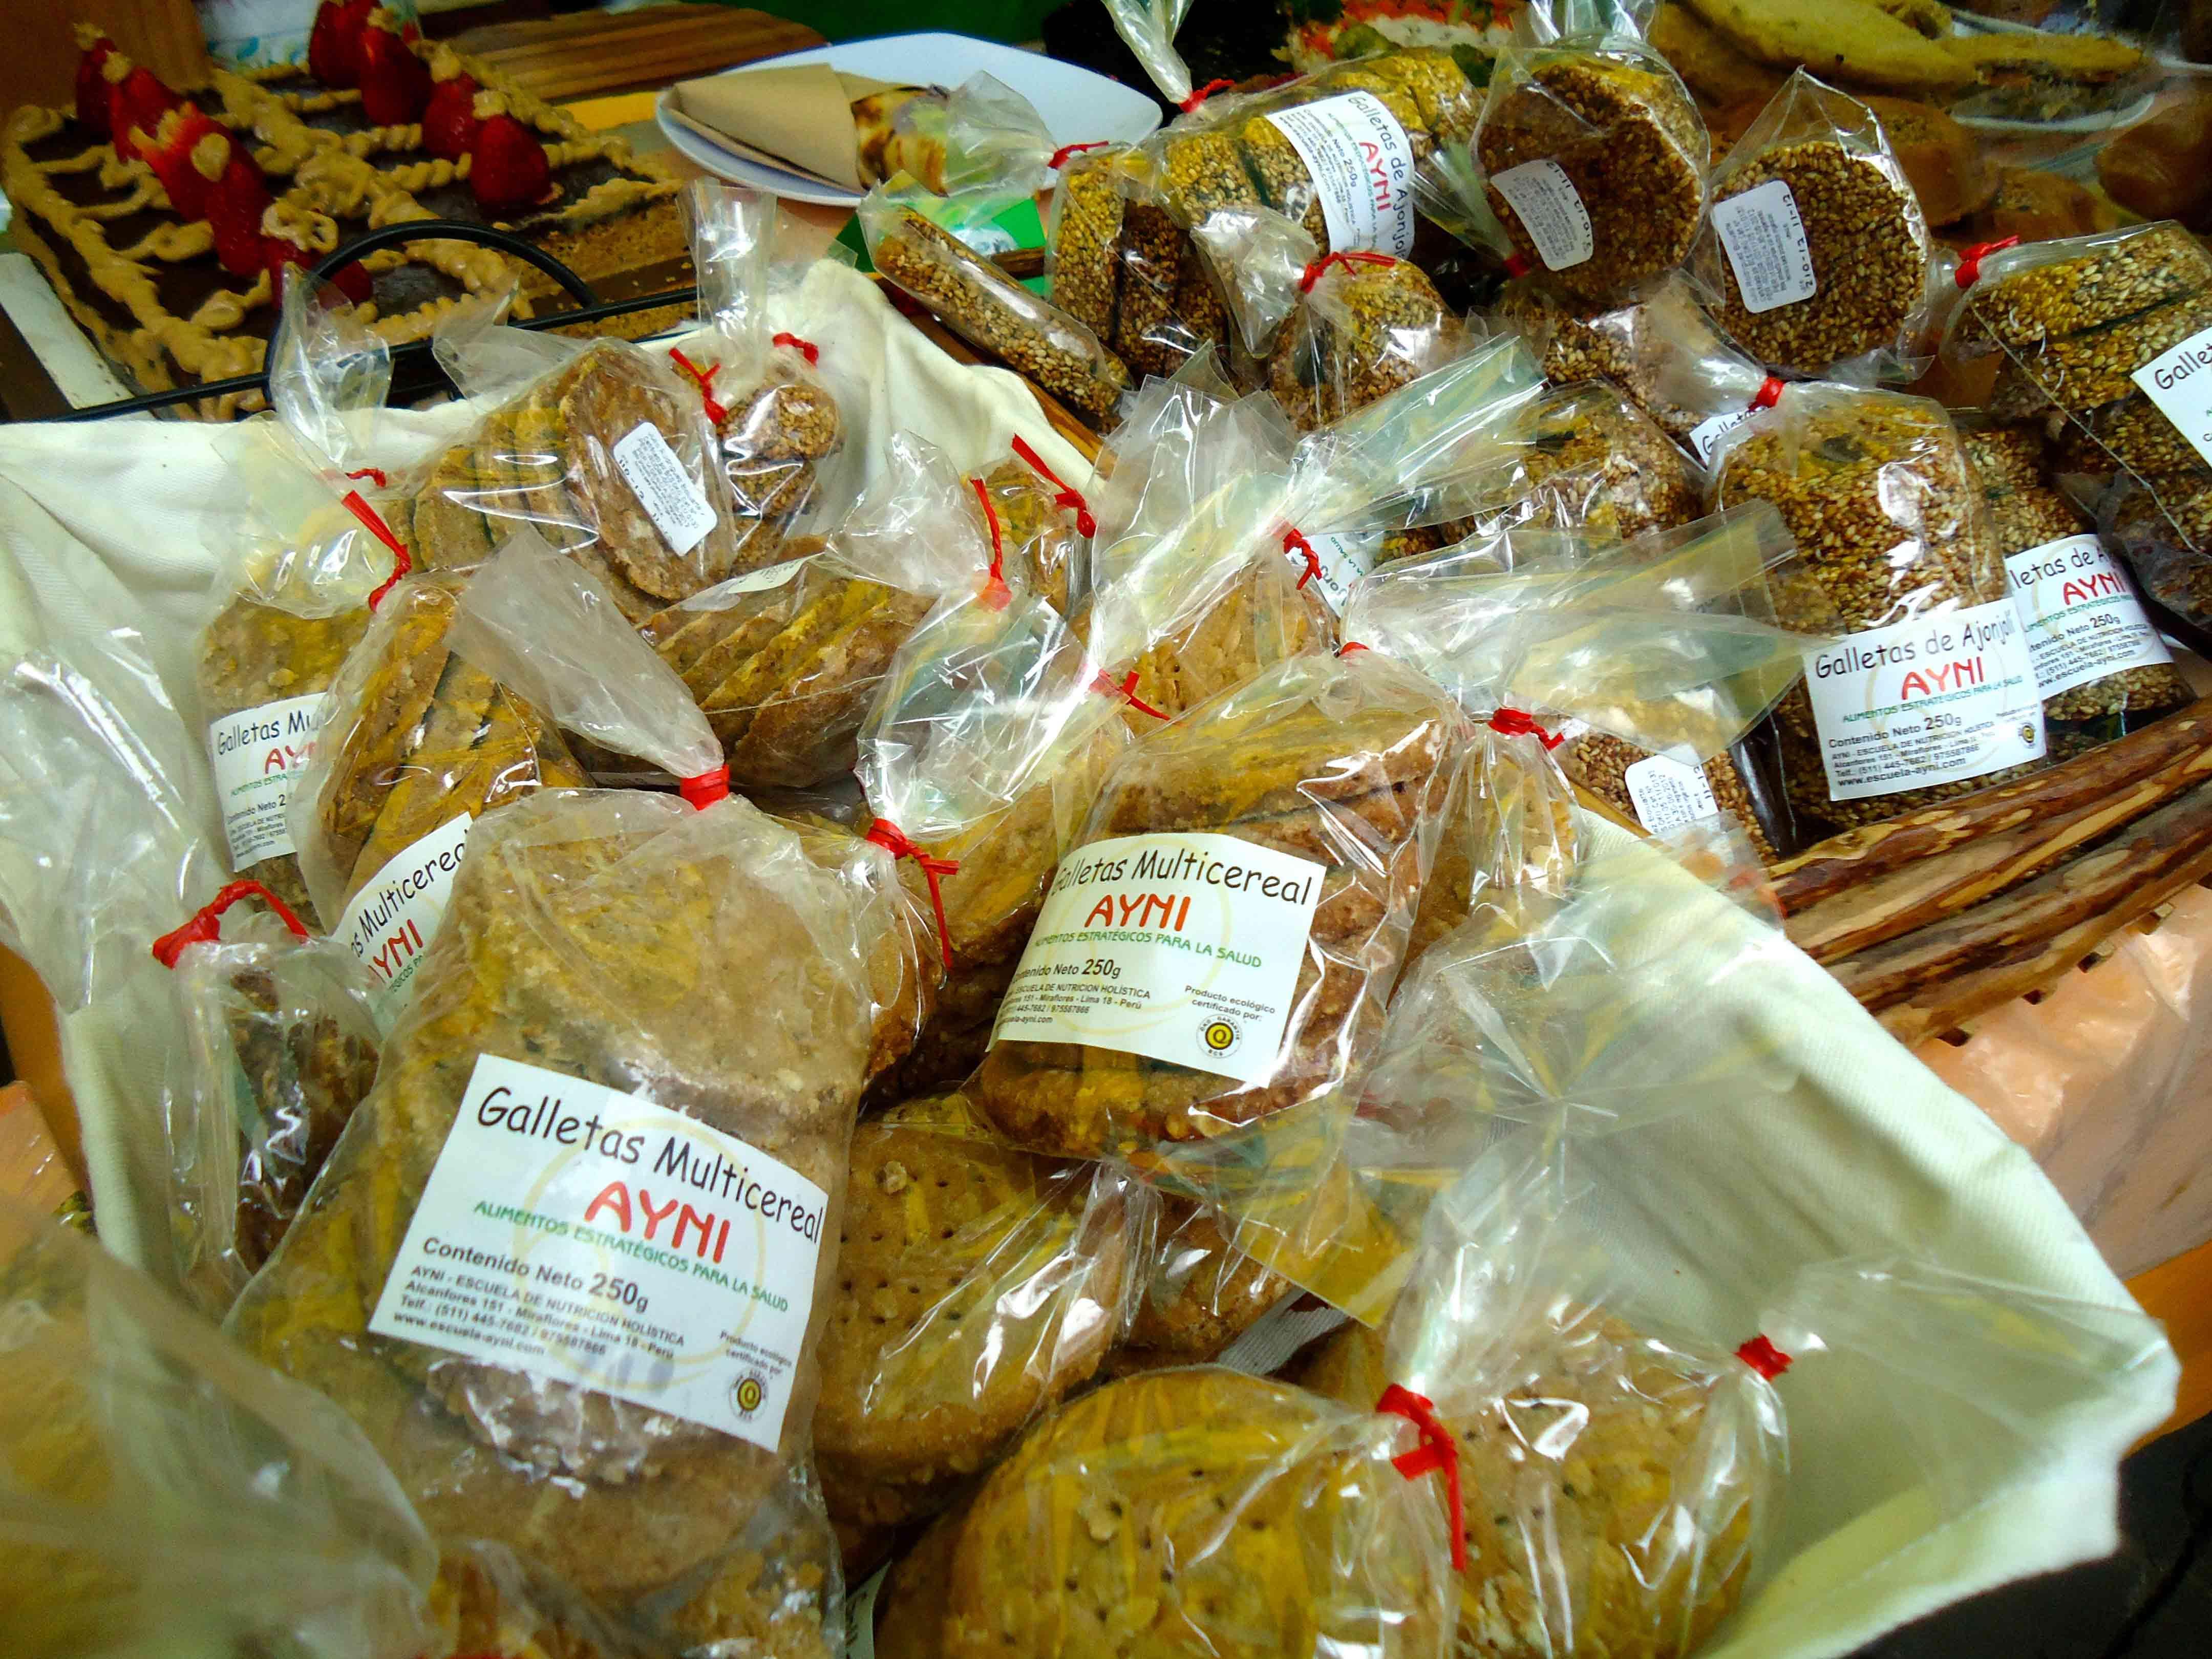 Biscoitos vendidos na feira orgânica de Miraflores